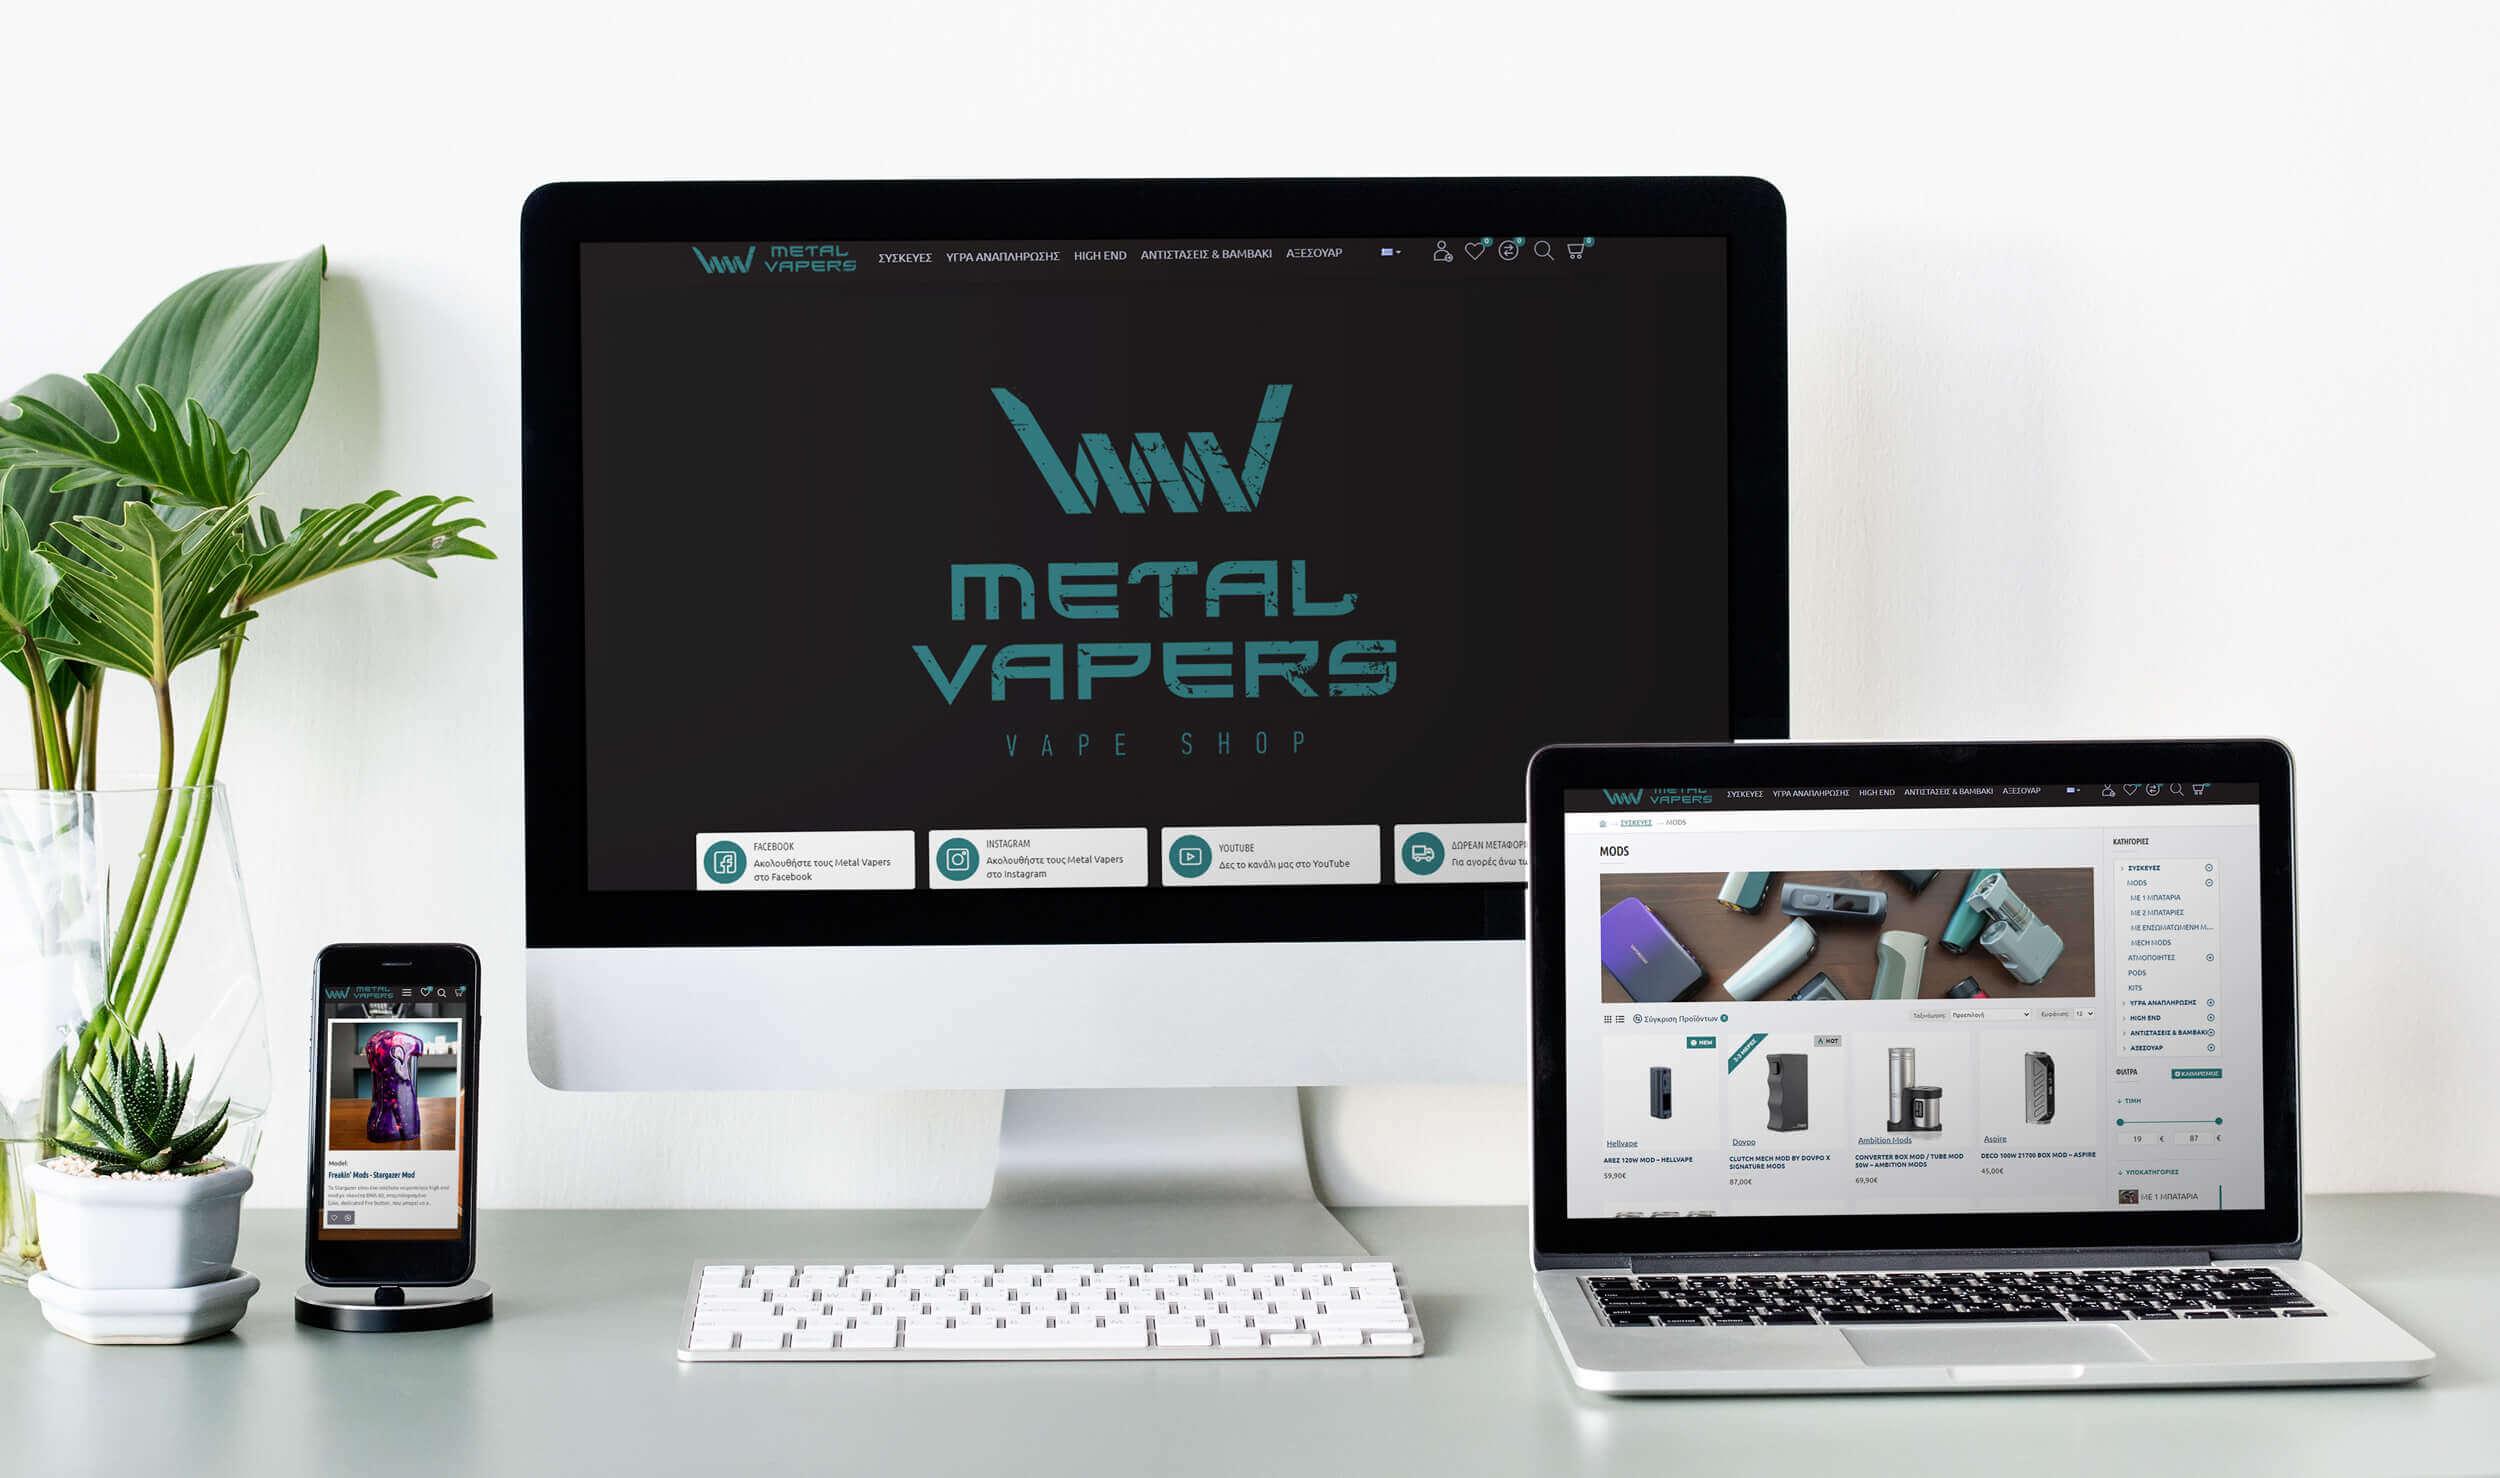 Κατασκευή eshop ειδών vaping για το Metal Vapers